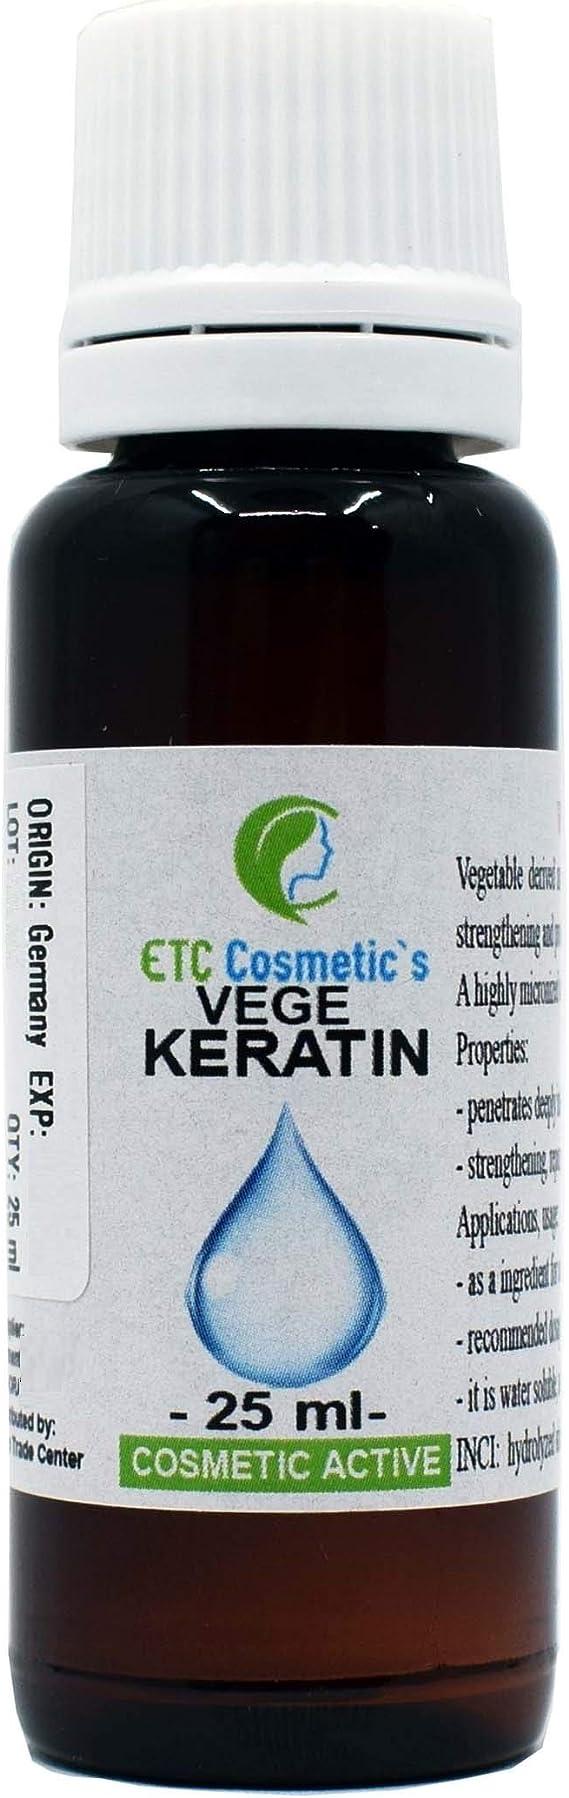 Aceite de queratina vegetal – 25 ml – Aceite de queratina vegetal para el cuidado del cabello seco, fortalece la piel, protege el cabello